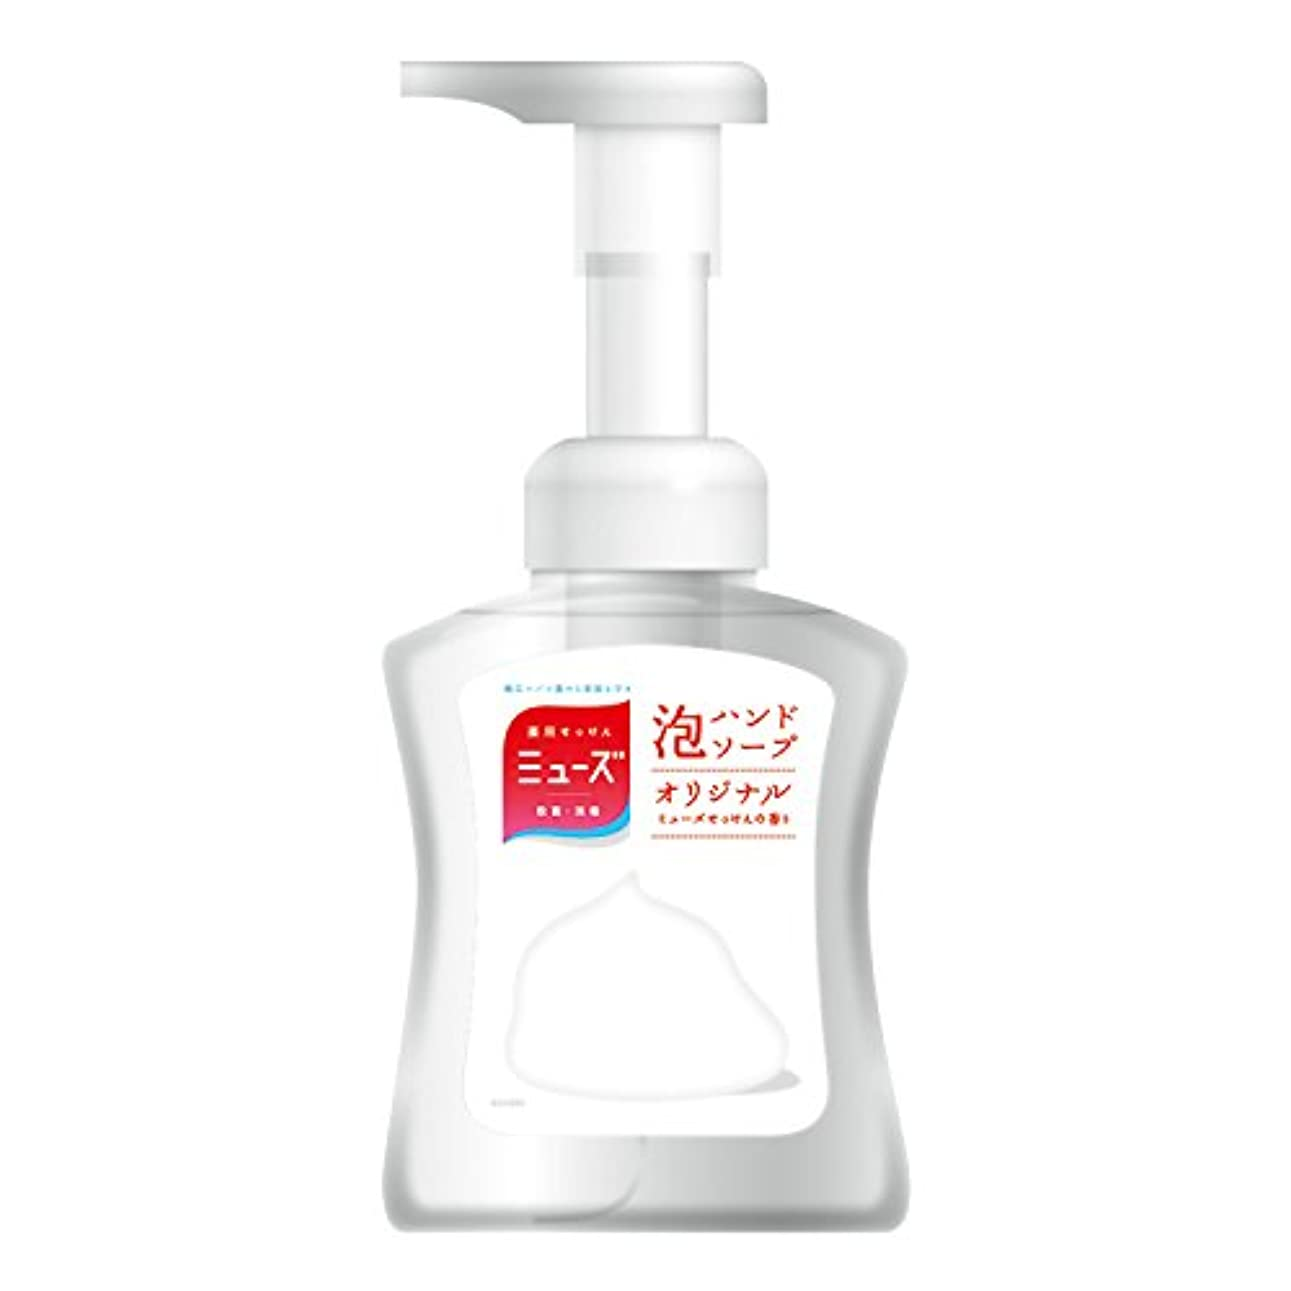 取り除く強います長いです【医薬部外品】ミューズ 泡 ハンドソープ オリジナル 本体ボトル 250ml 殺菌 消毒 手洗い 保湿成分配合